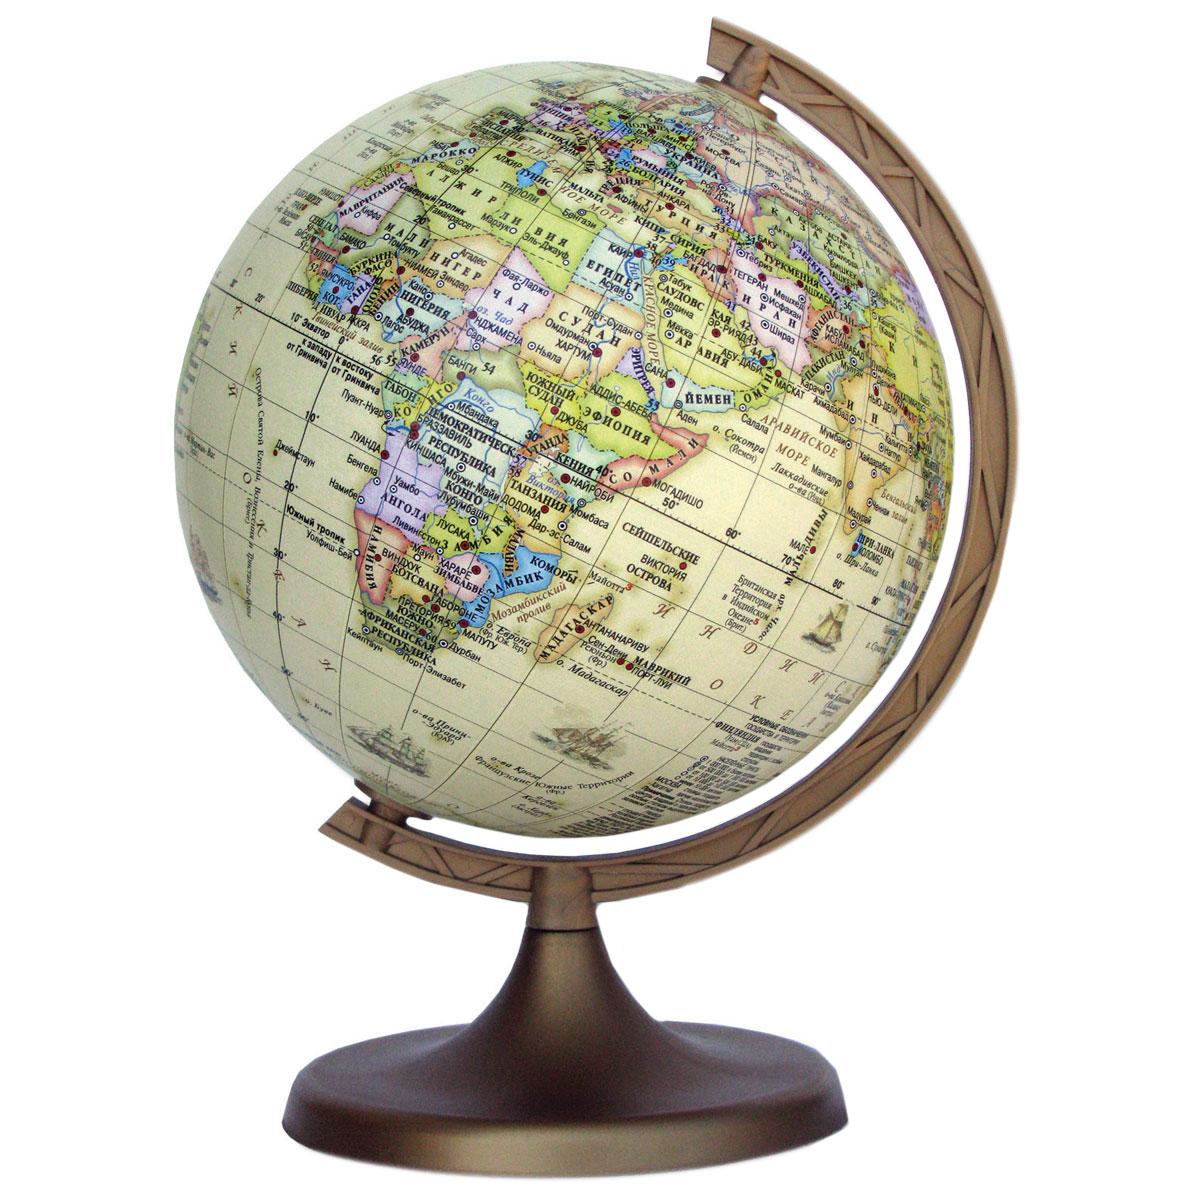 Глобус DMB Ретро, c политической картой мира, диаметр 11 смFS-00897Политический глобус DMB Ретро, изготовленный из высококачественногопрочного пластика, дает представление о политическом устройстве мира. Он напоминает глобусы, которые делали в старину, но с современными картами нынешней Земли. Как правило, карта таких глобусов является современной политической. Ретро глобусы очень популярны для домашнего и офисного оформления, потому что удачно вписываются в интерьер благодаря своему бежевому нежному цвету.Изделие расположено на подставке. Все страны мира раскрашены в разныецвета. На политическом глобусе показаны границы государств, столицы икрупные населенные пункты, а также картографические линии: параллели имеридианы, линия перемены дат. Названия стран на глобусе приведены нарусском языке. Ничто так не обеспечивает всестороннего и детальногоизучения политического устройства мира в таком сжатом и объемном образе,как политический глобус. Сделайте первый шаг в стимулирование своегообучения! Настольный глобус DMB Ретро станет оригинальным украшением рабочегостола или вашего кабинета. Это изысканная вещь для стильного интерьера,которая станет прекрасным подарком для современного преуспевающегочеловека, следующего последним тенденциям моды и стремящегося кэлегантности и комфорту в каждой детали.Высота глобуса с подставкой: 17 см.Диаметр глобуса: 11 см.Масштаб: 1:115 000 000.